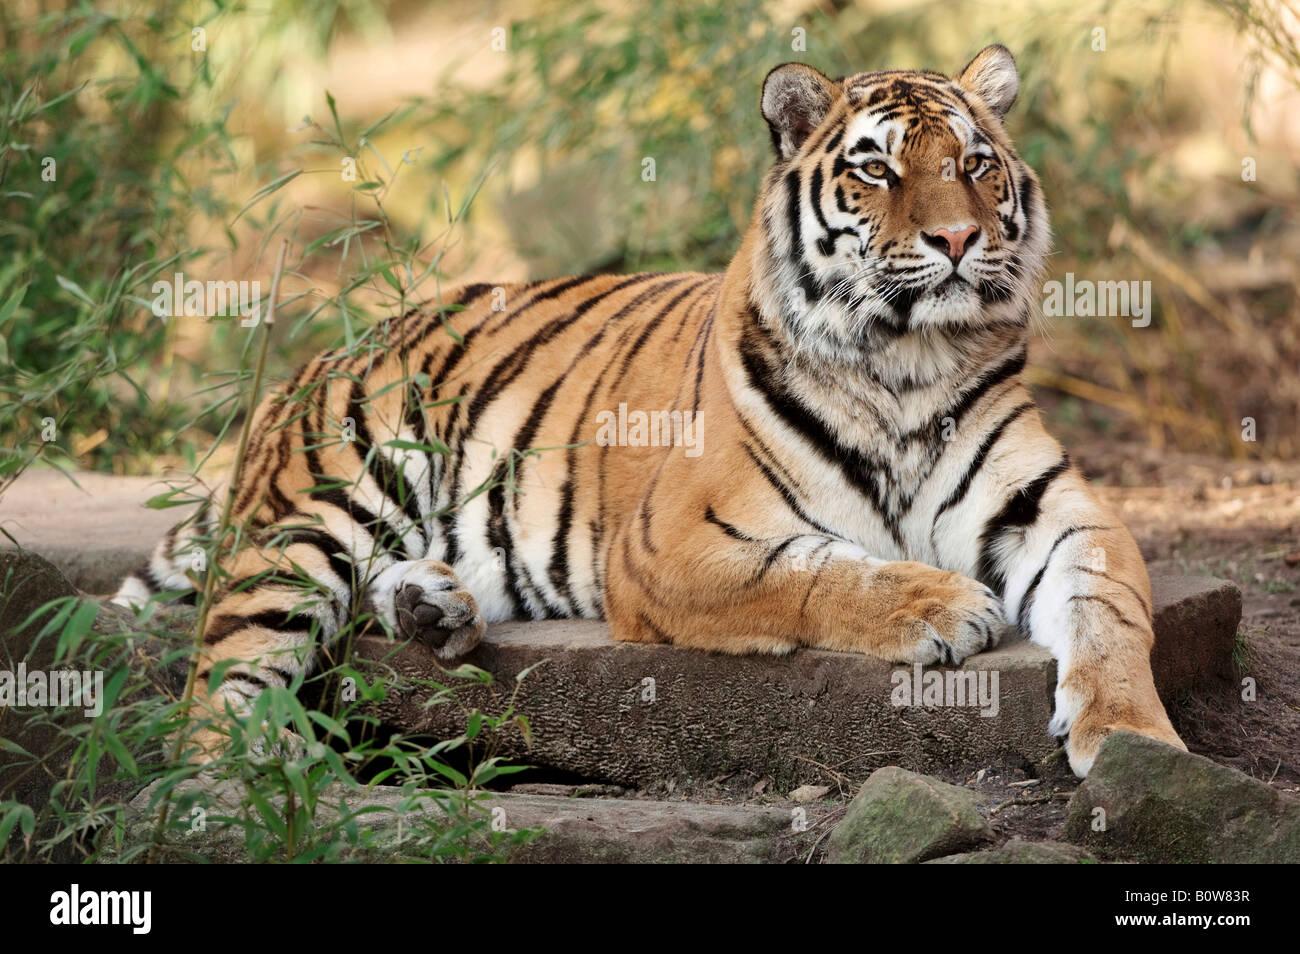 Siberian Tiger (Panthera tigris altaica) - Stock Image